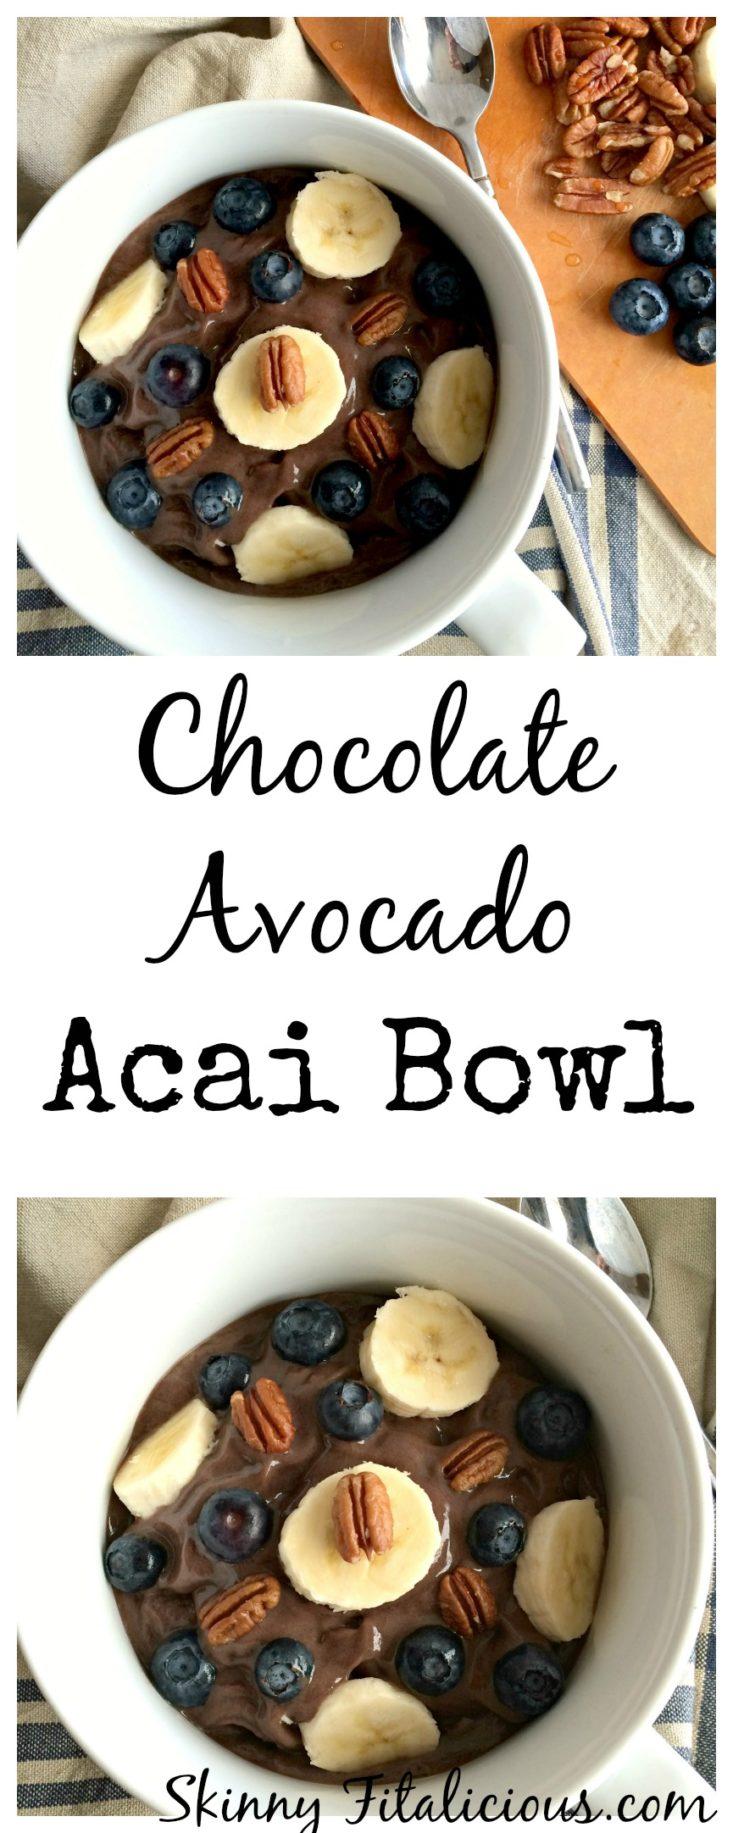 chocolate avocado acai bowl skinny fitalicious. Black Bedroom Furniture Sets. Home Design Ideas